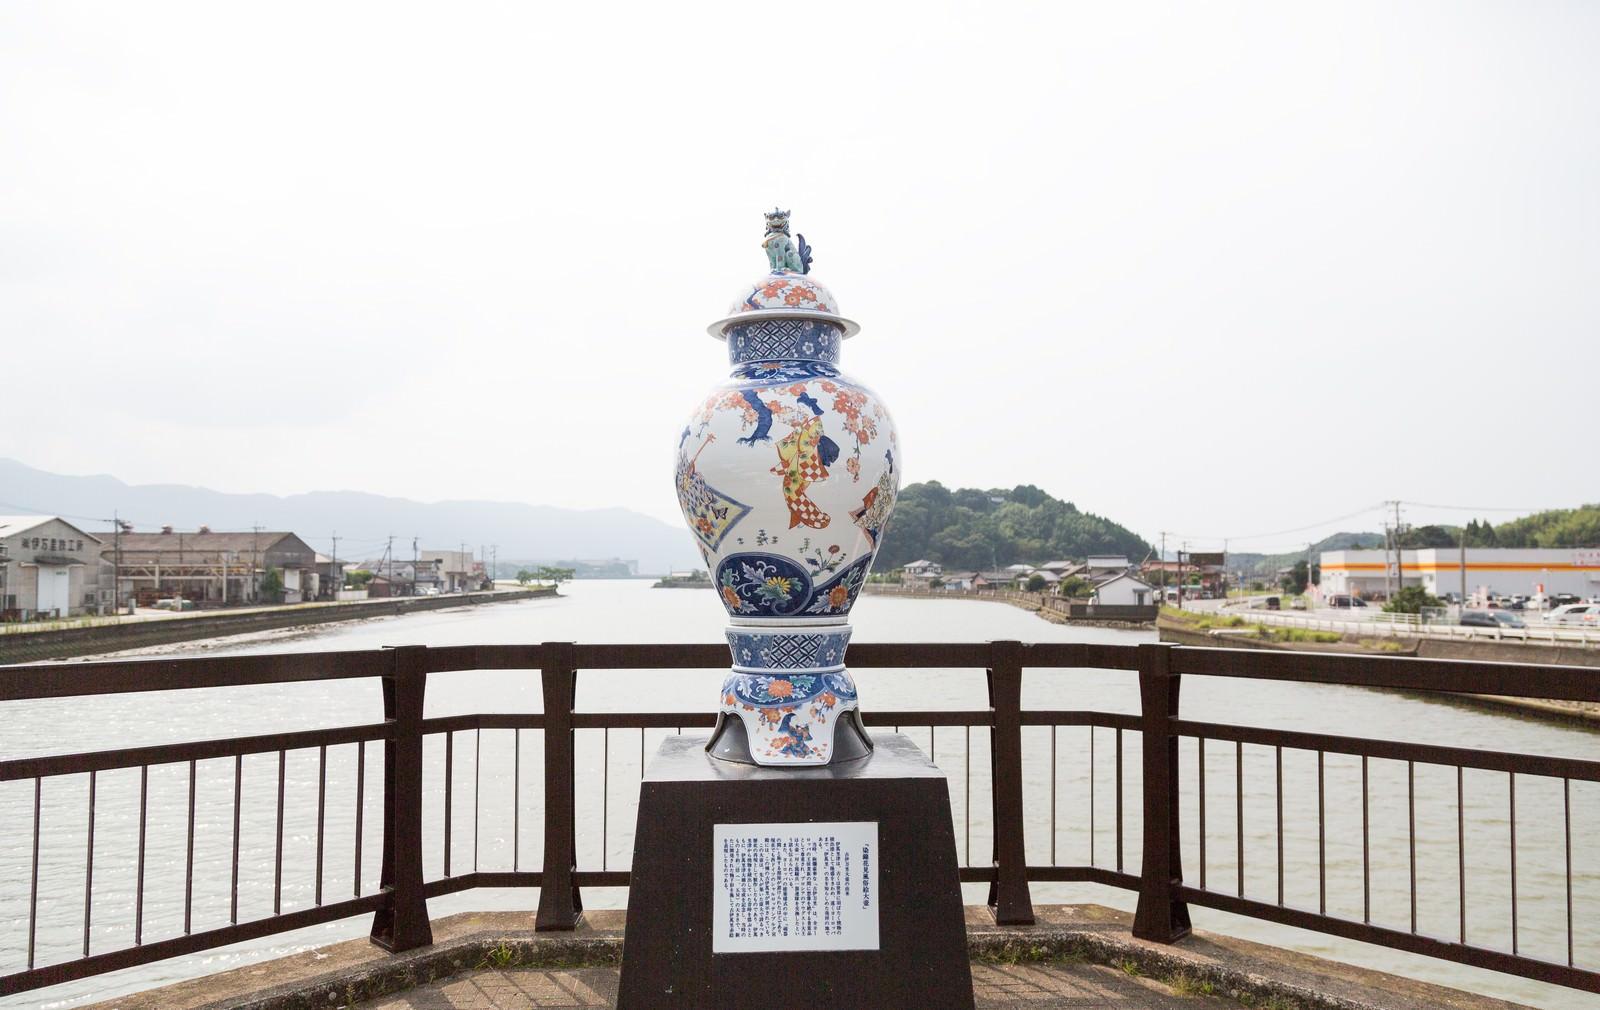 「伊万里川を眺める古伊万里大壺伊万里川を眺める古伊万里大壺」のフリー写真素材を拡大